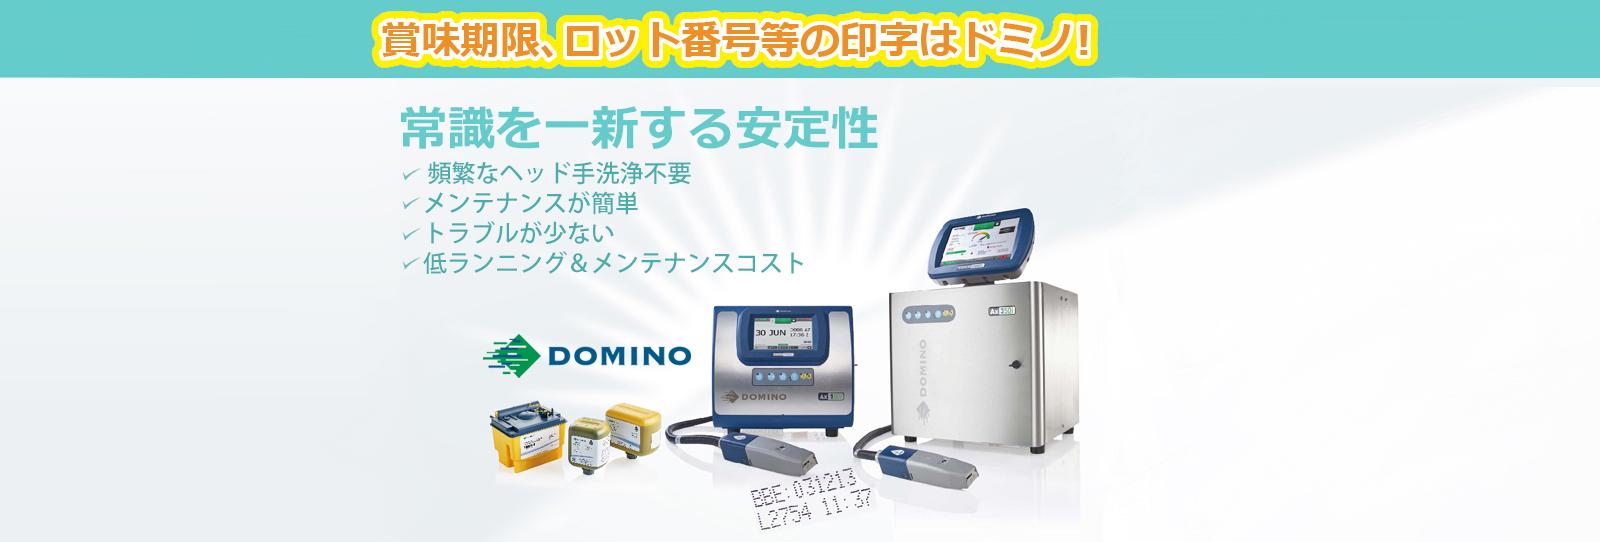 賞味期限・ロット番号の印字はDOMINO(ドミノ)